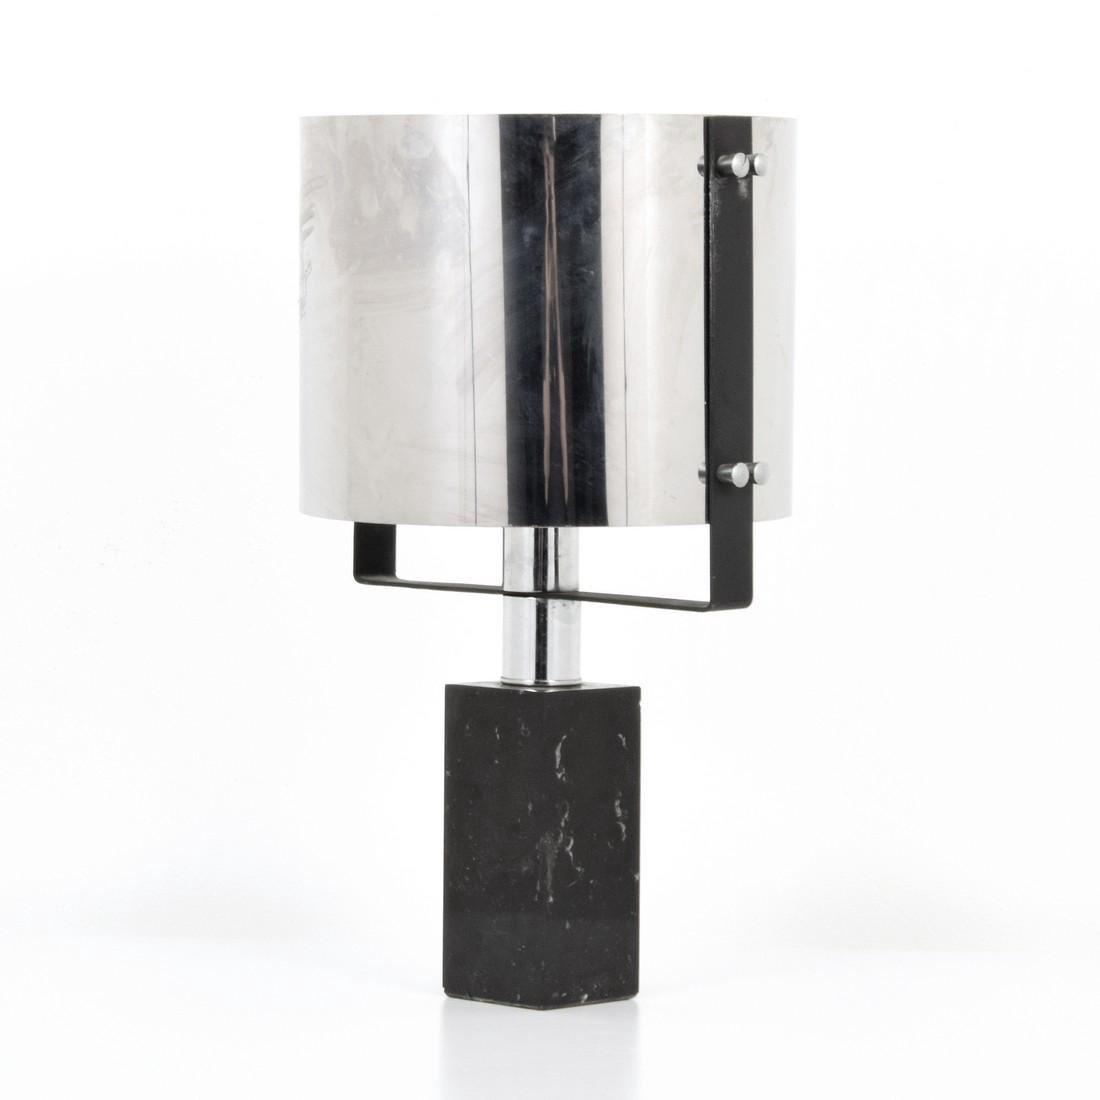 Chrome Table Lamp, Manner of Cini Boeri - 9